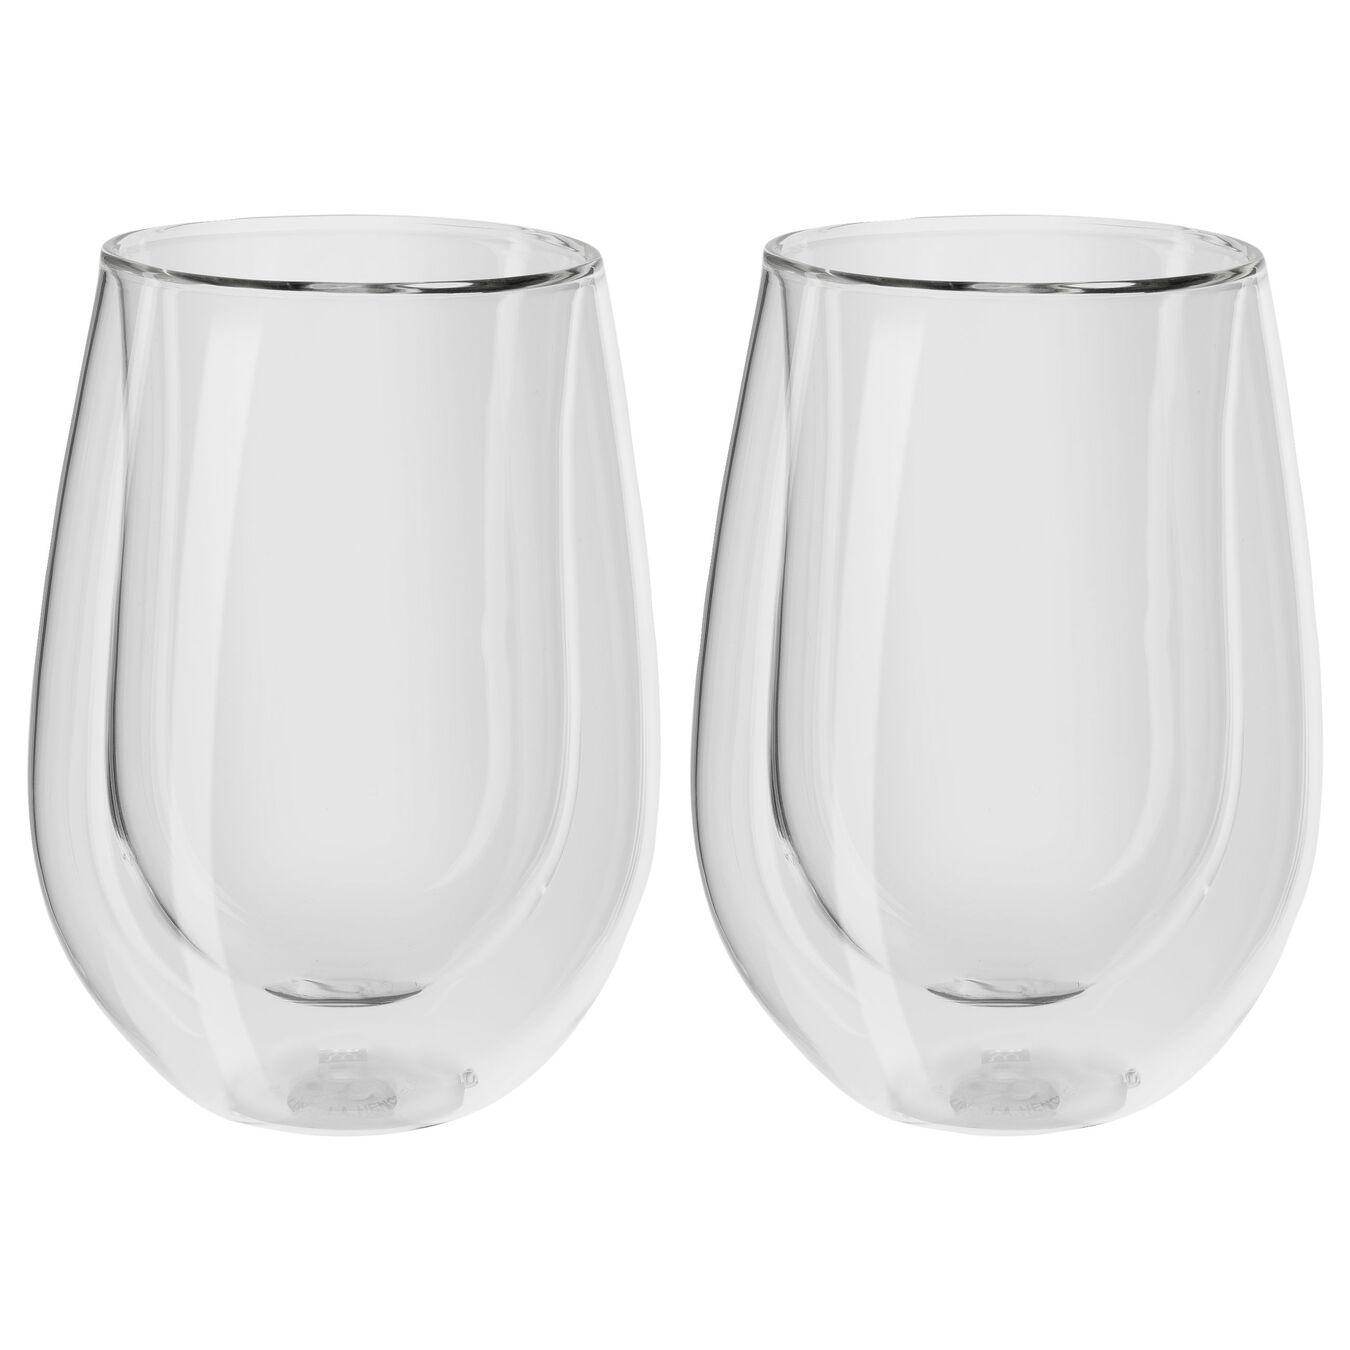 Longdrink Bardağı Seti | 2-adet,,large 1